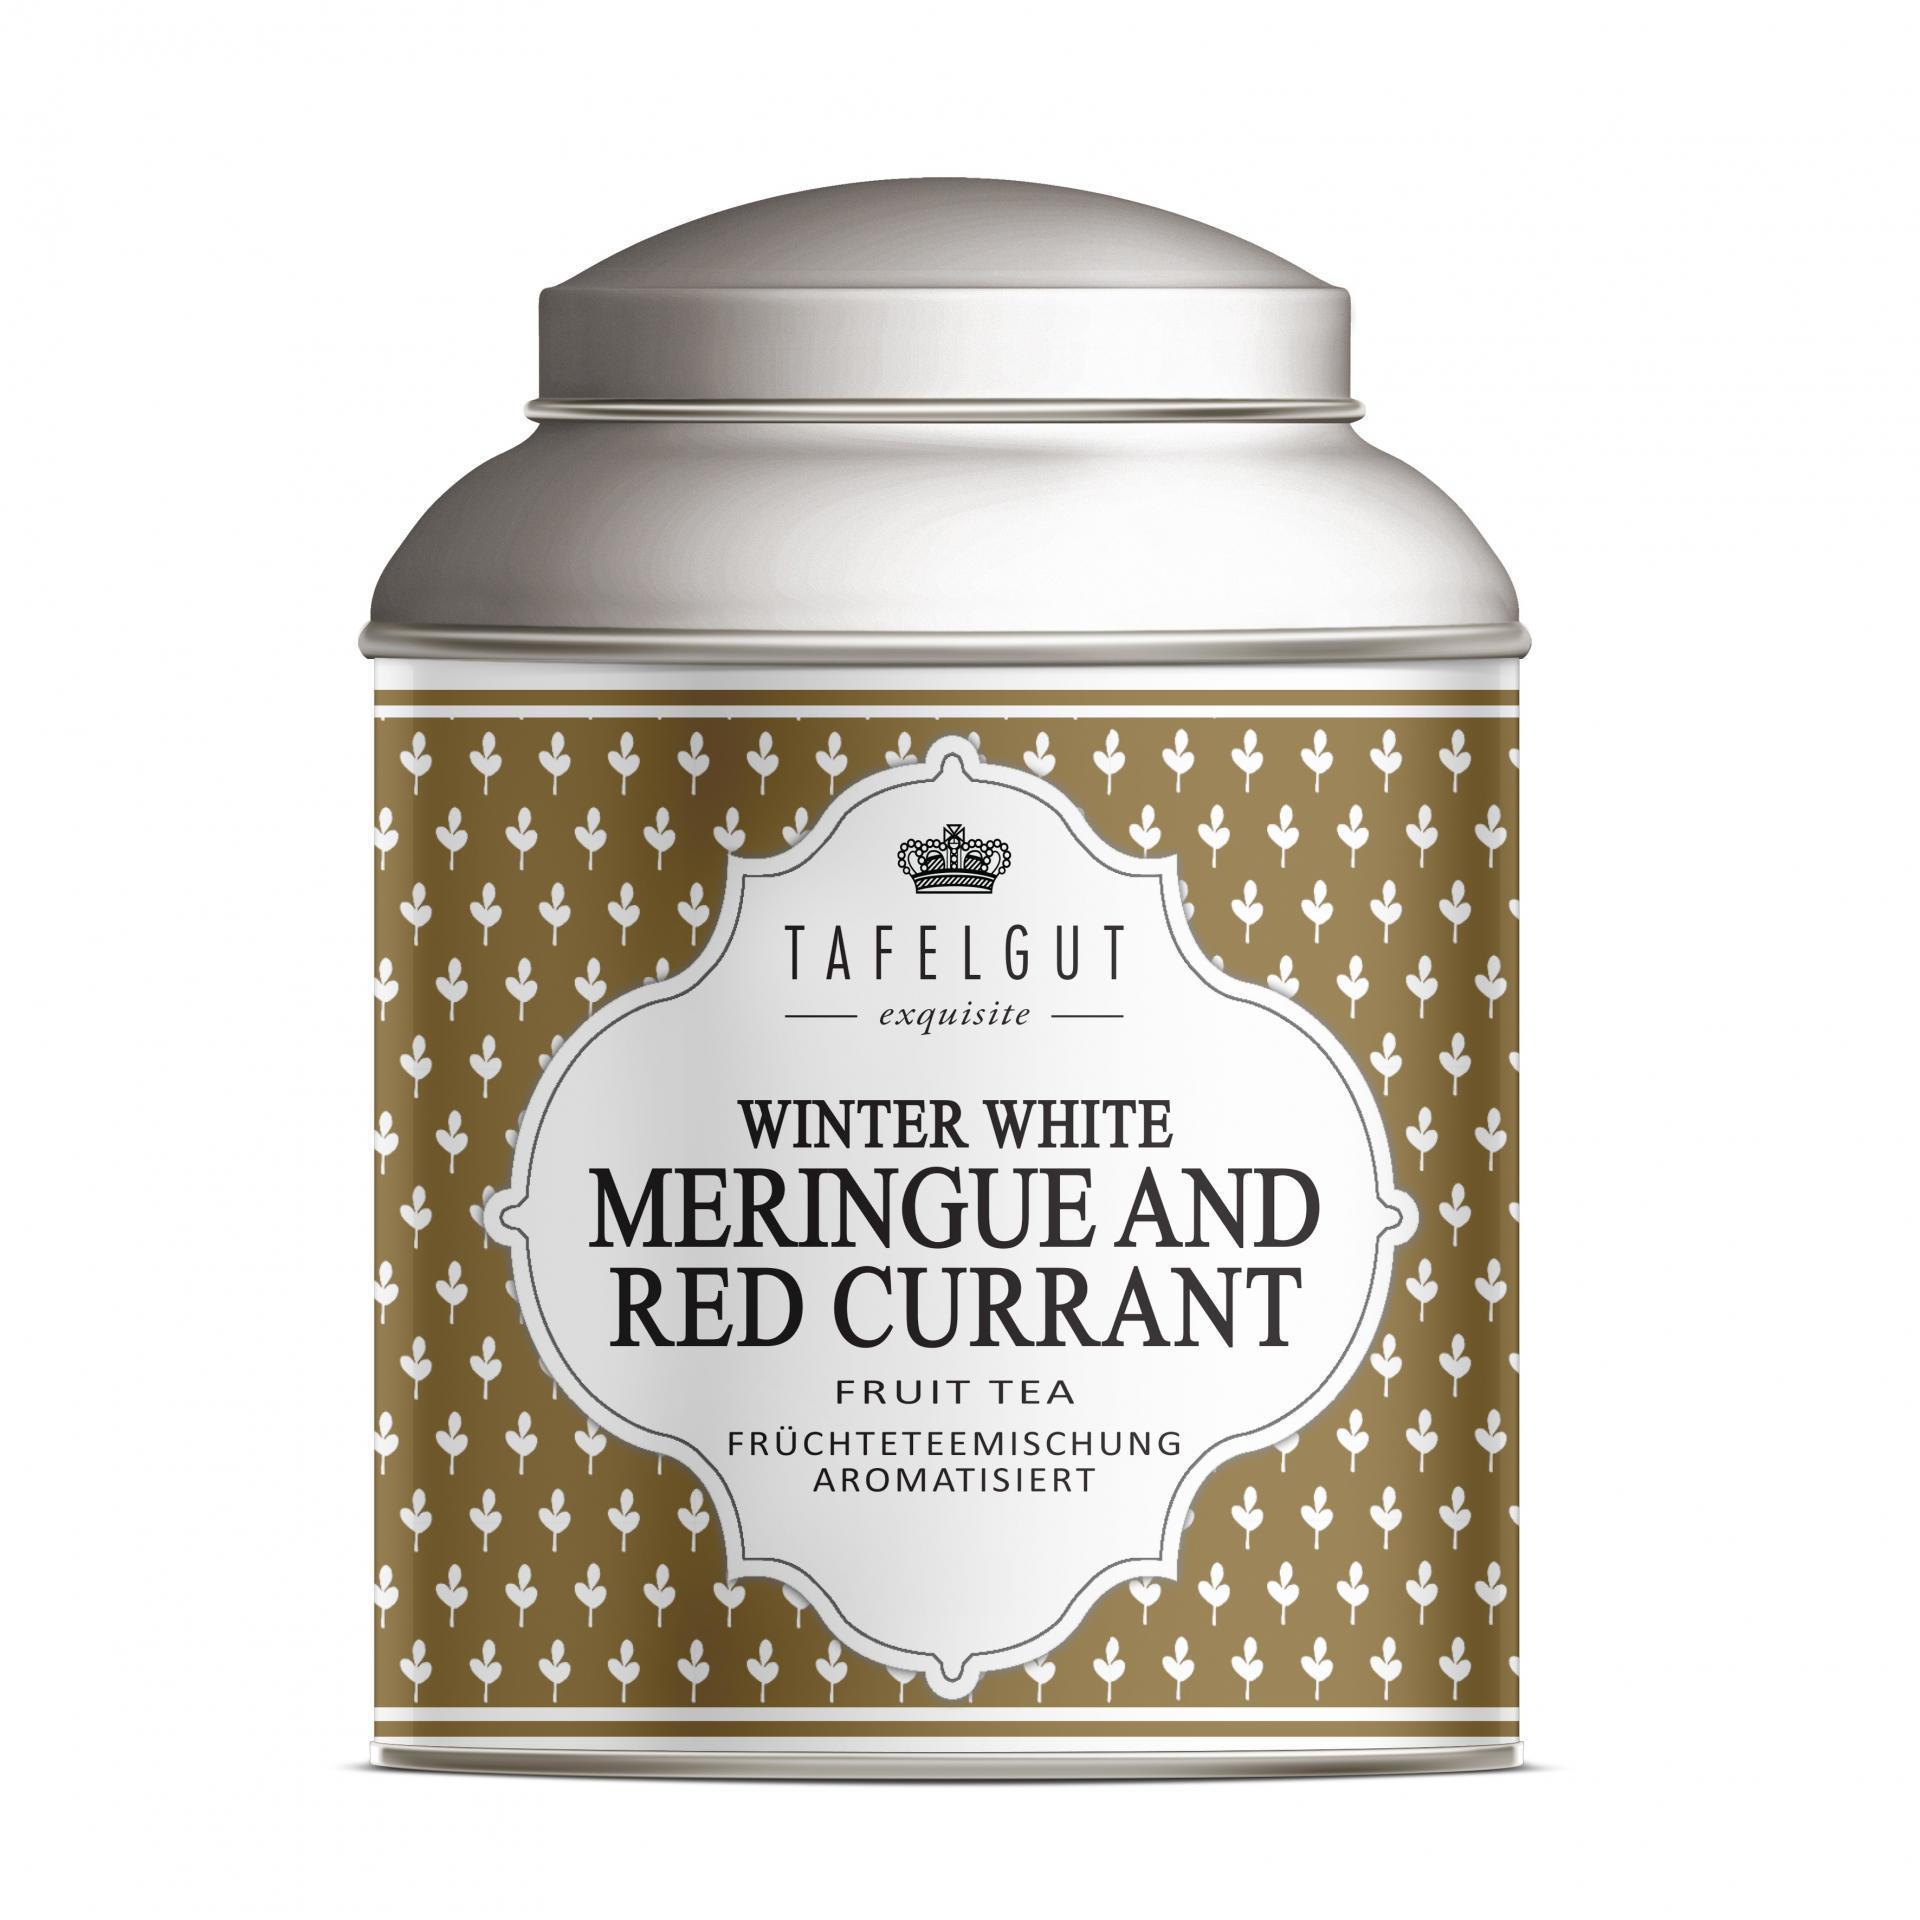 TAFELGUT Mini ovocný čaj Meringue and Red Currant - 35gr, měděná barva, kov